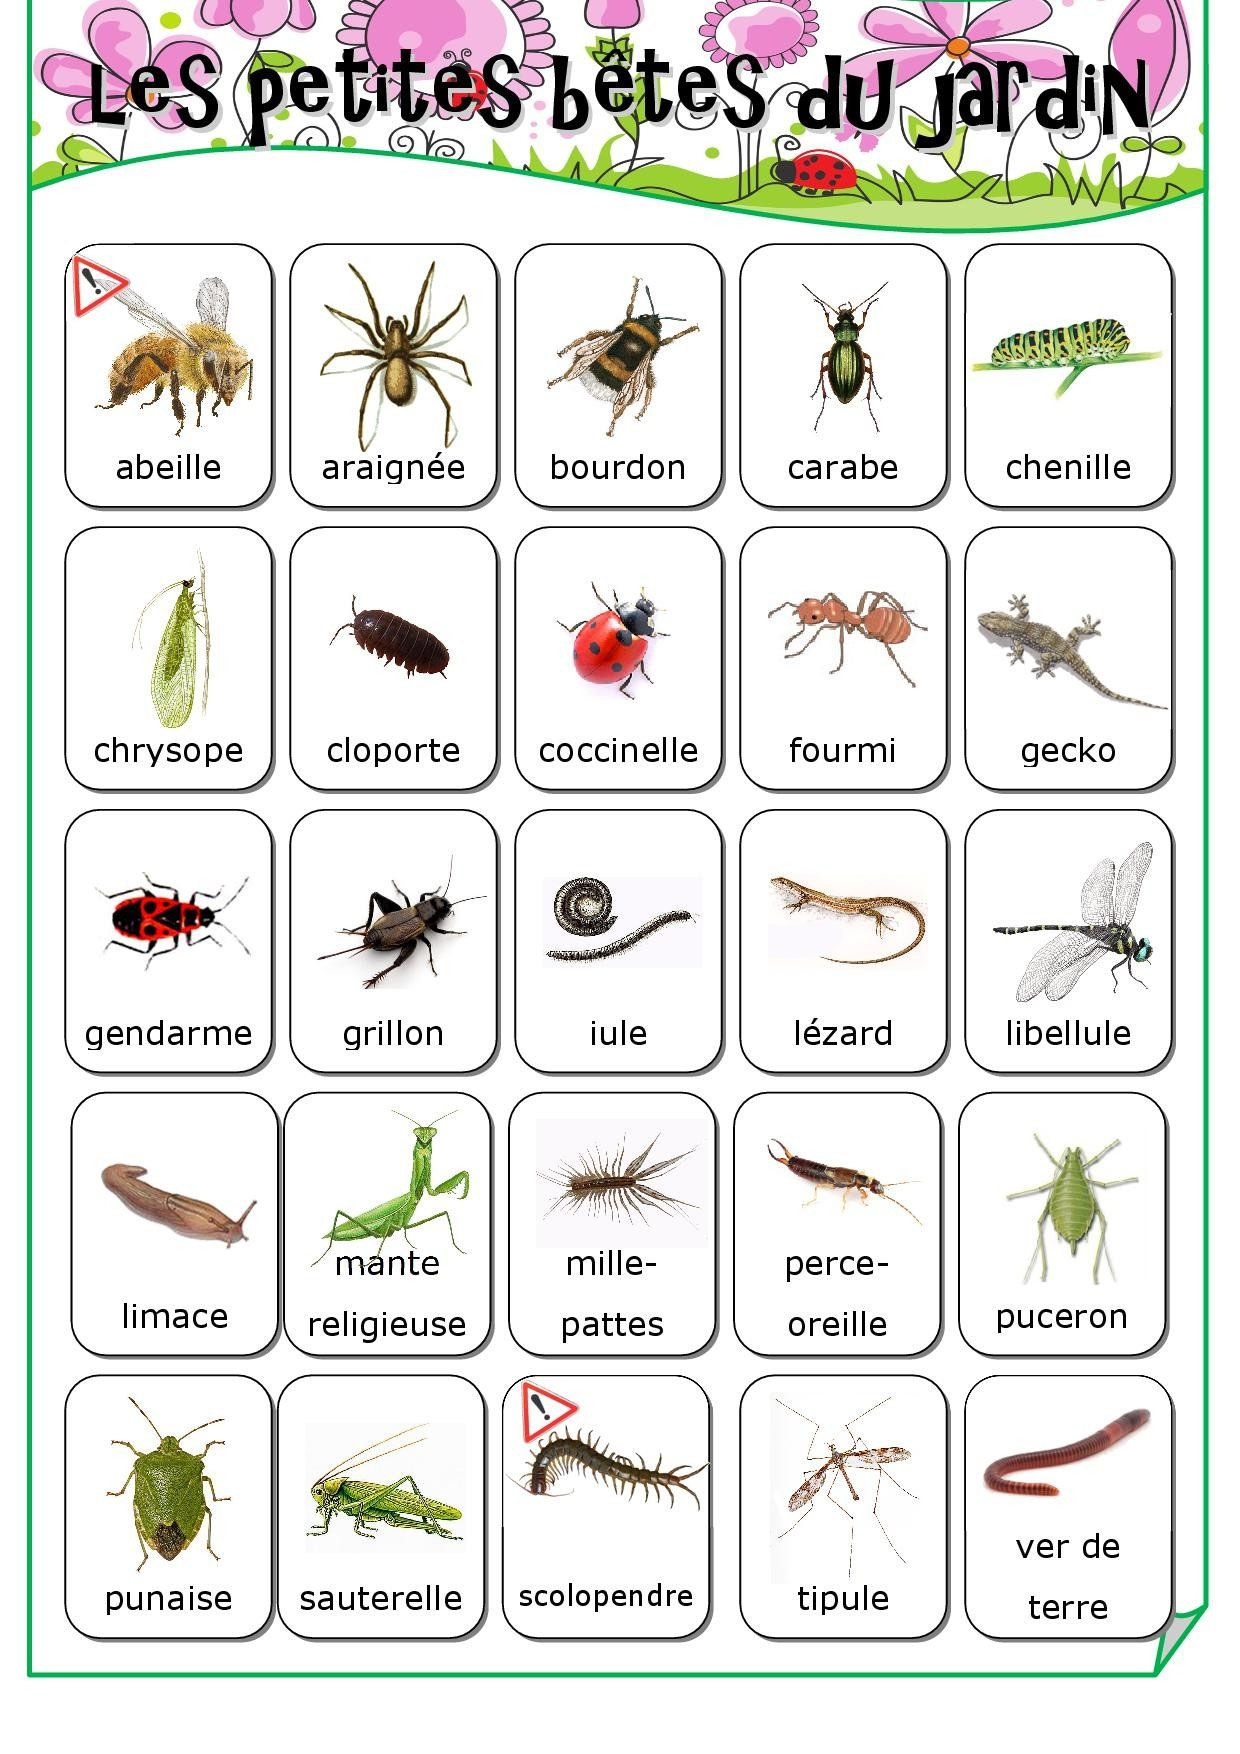 Les Petites Bêtes Du Jardin | Les Petites Betes, Jardins destiné Imagier Insectes